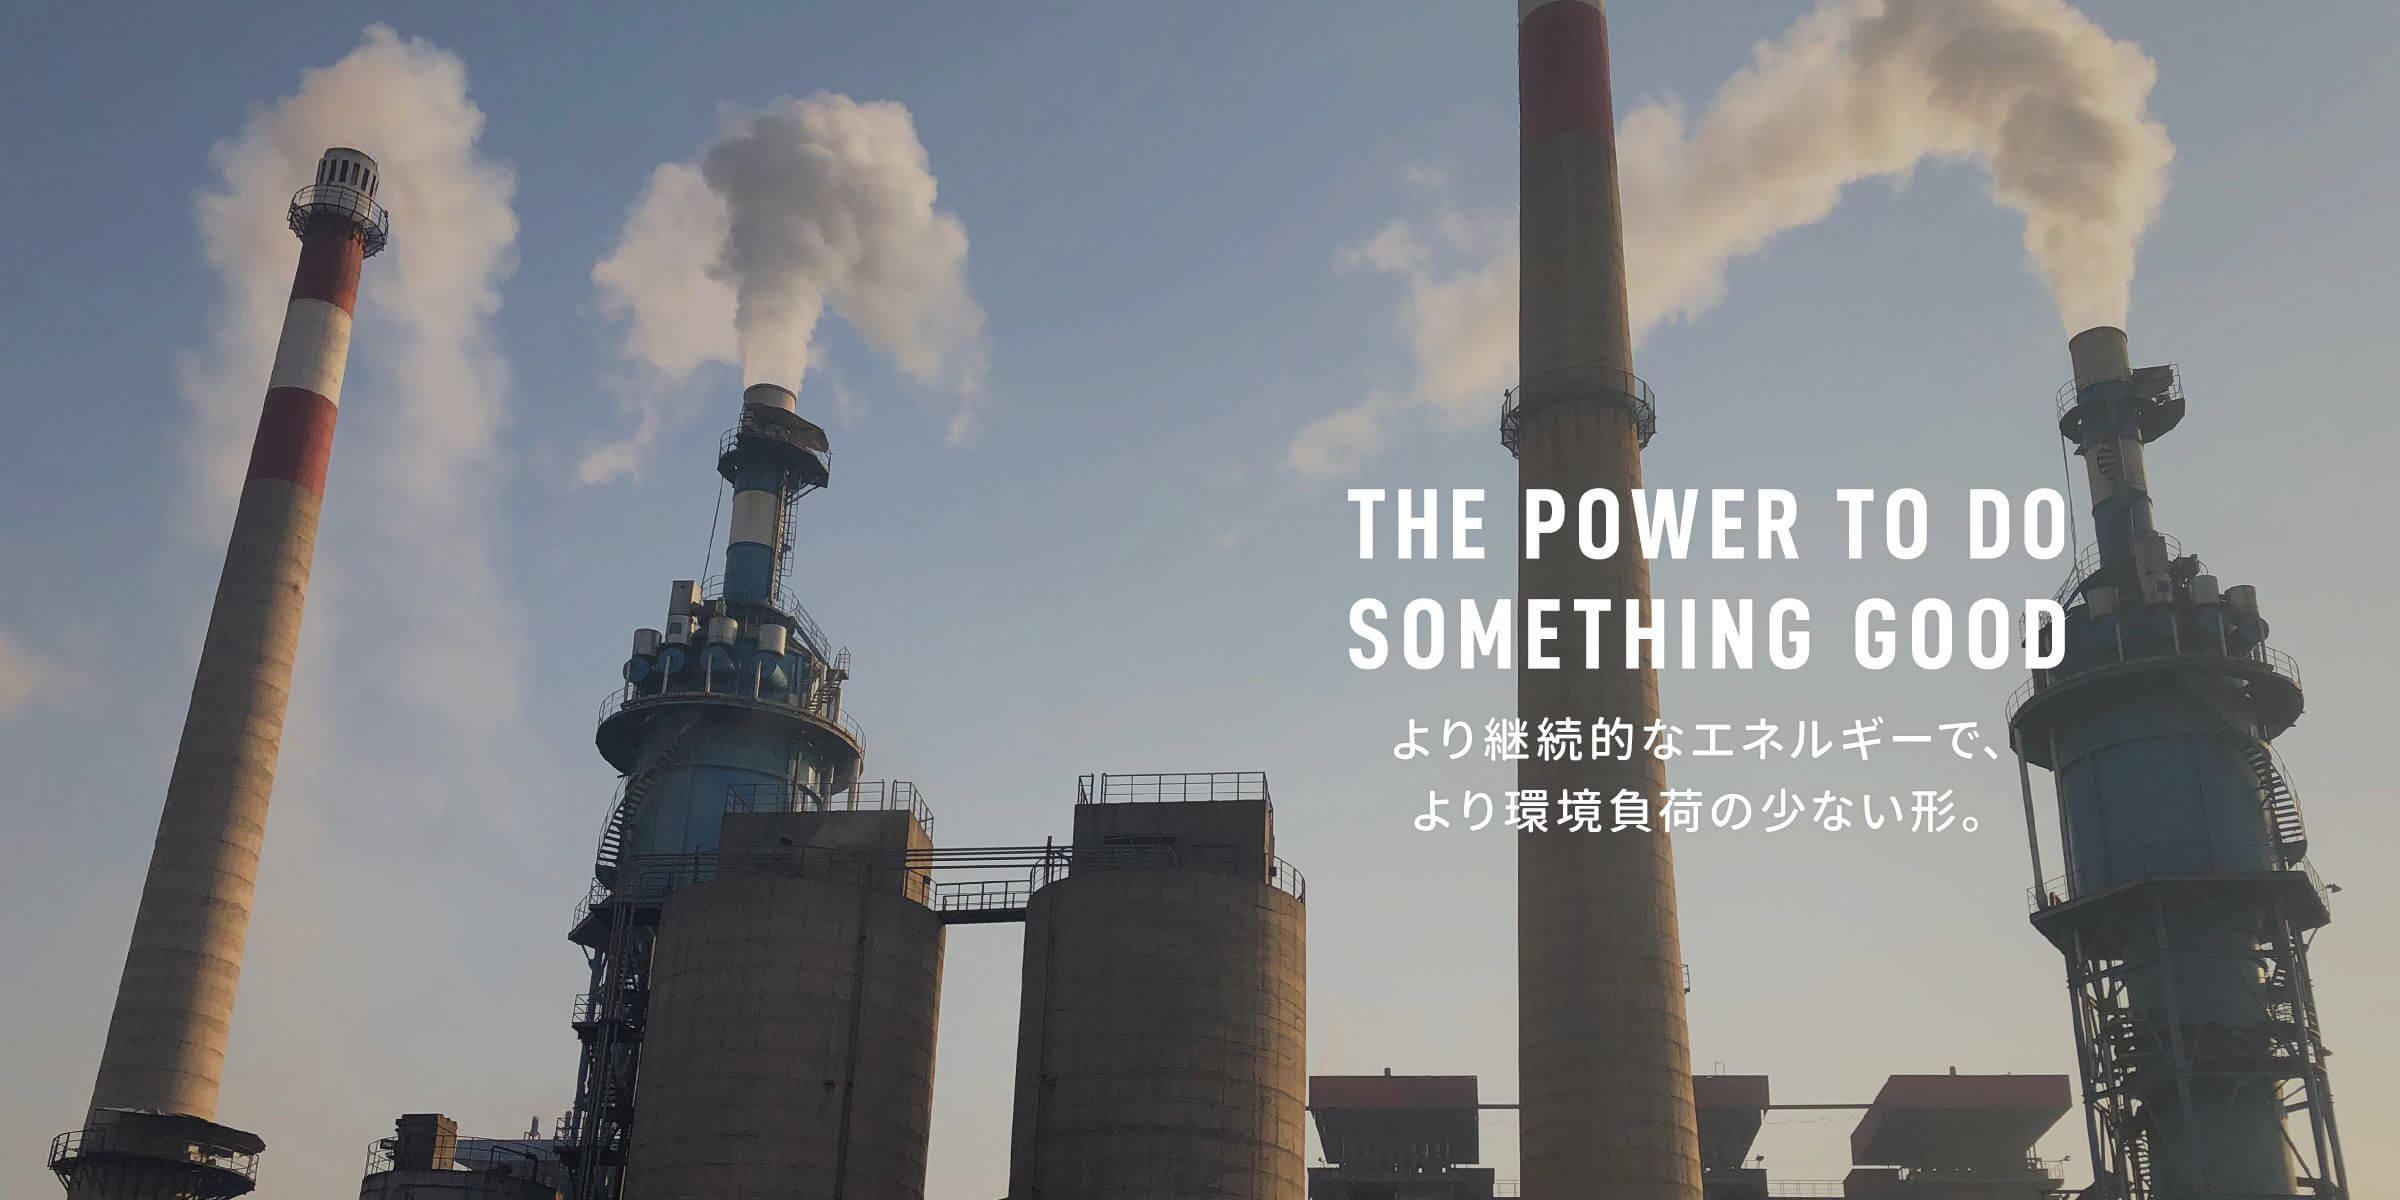 100%再生エネルギー電源を目指して アウラグリーンエナジー